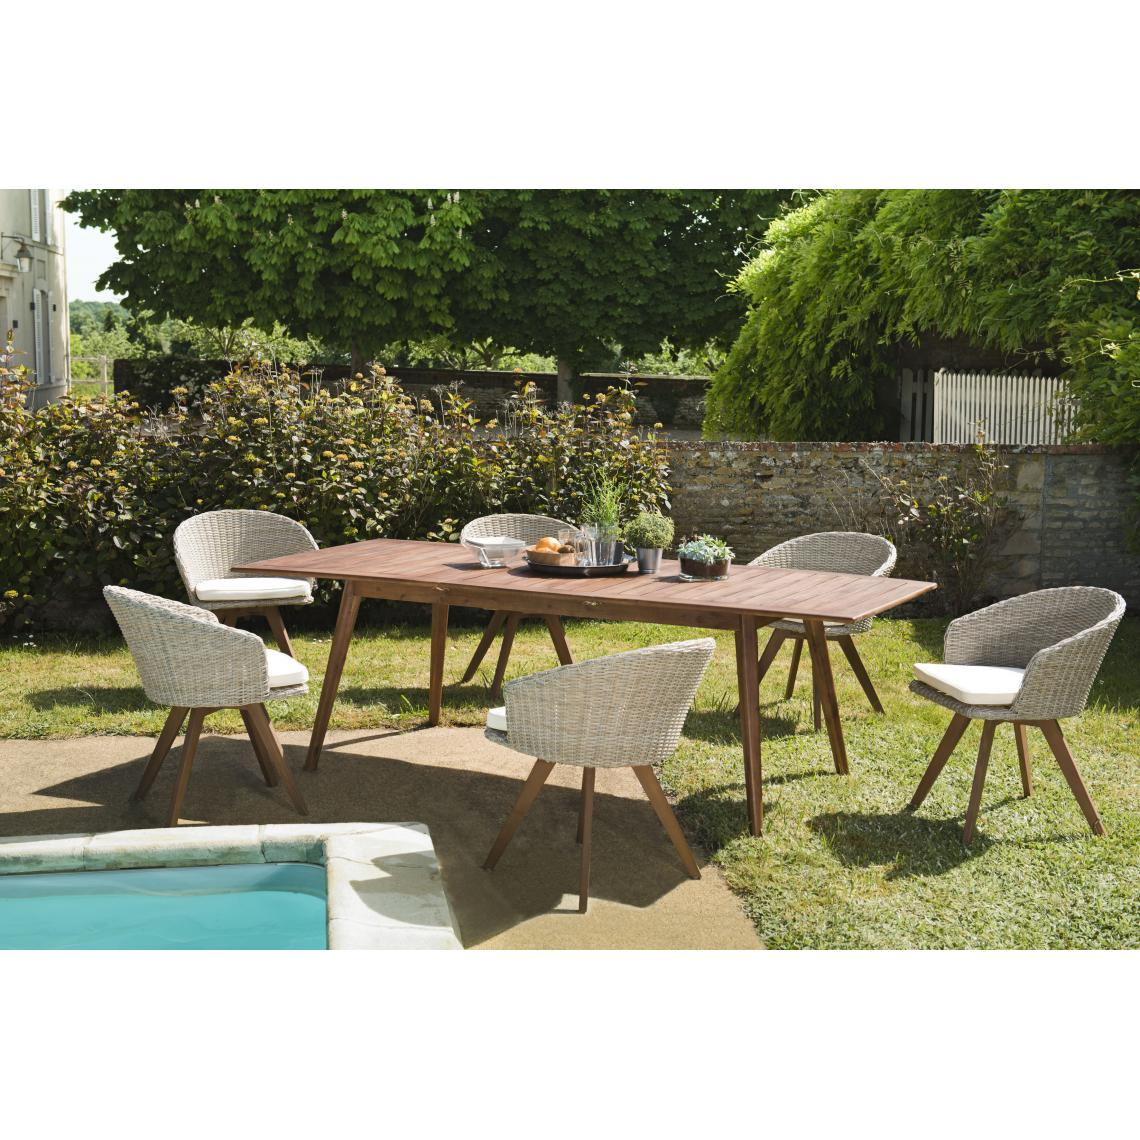 salon de jardin en bois acacia 8 10 pers ensemble de jardin 1 table rectangulaire extensible 180 240 100 cm et 6 fauteuils en rotin synthetique